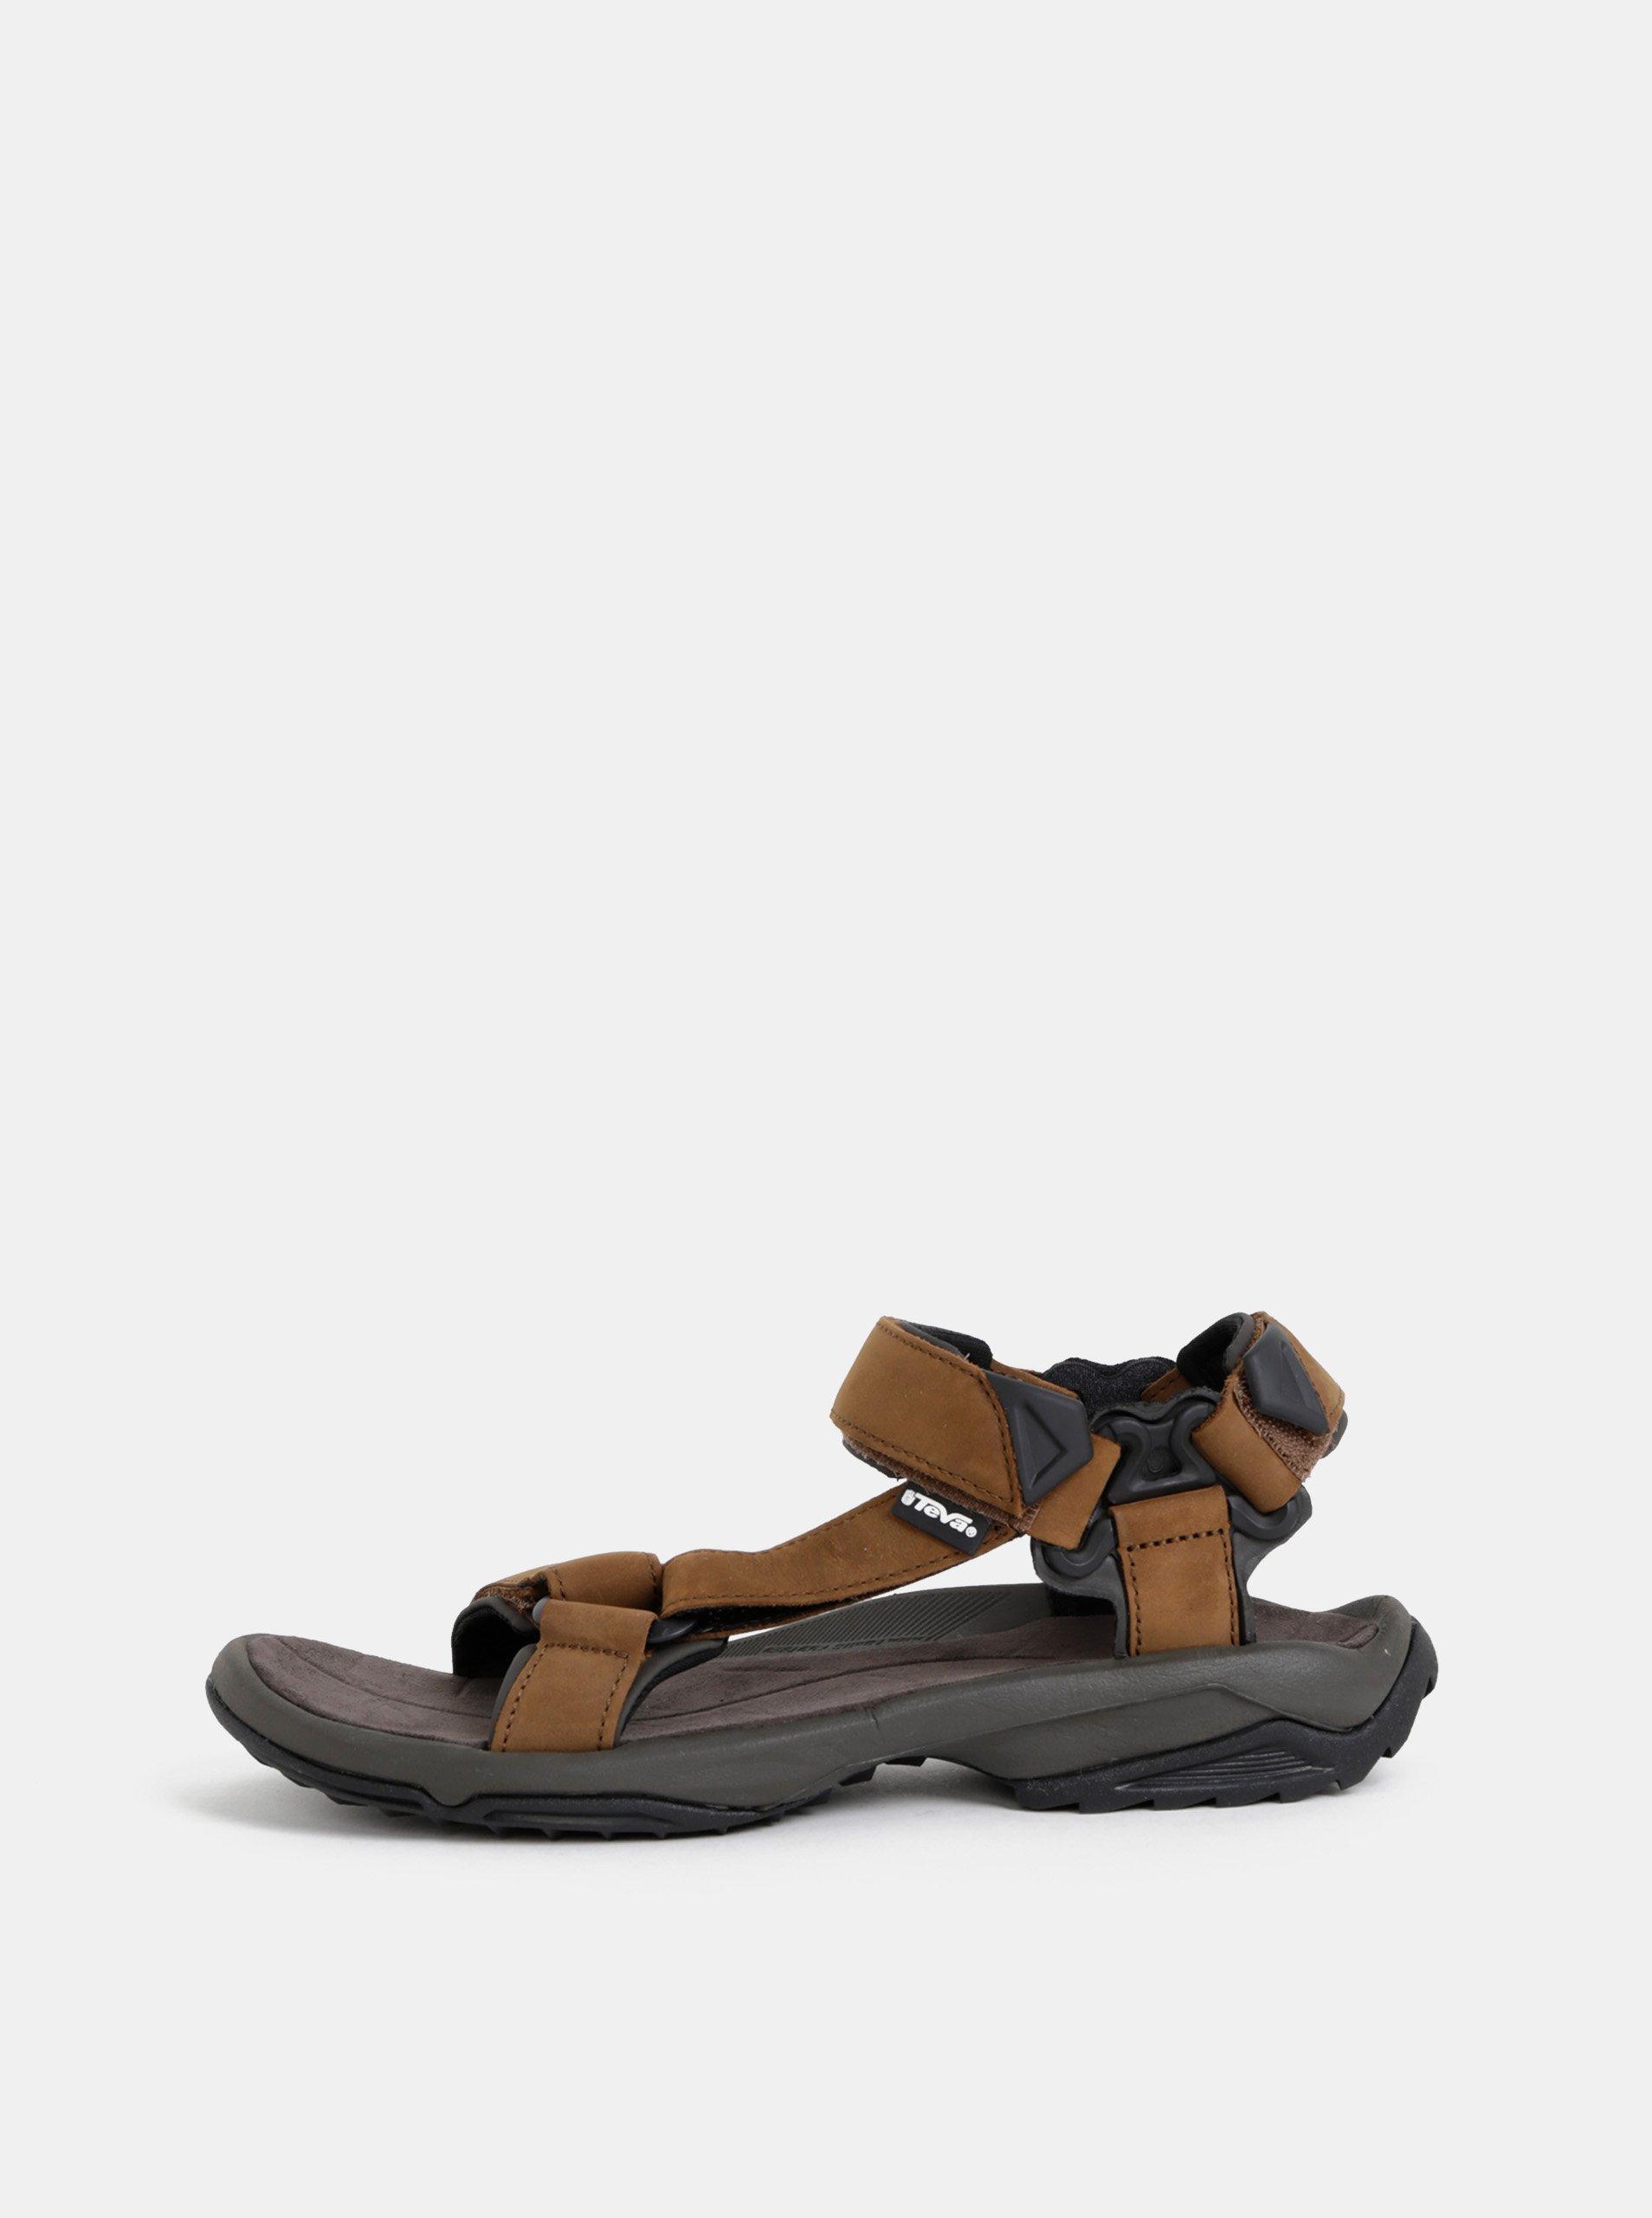 17193eb88898 Hnědé pánské kožené sandály Teva